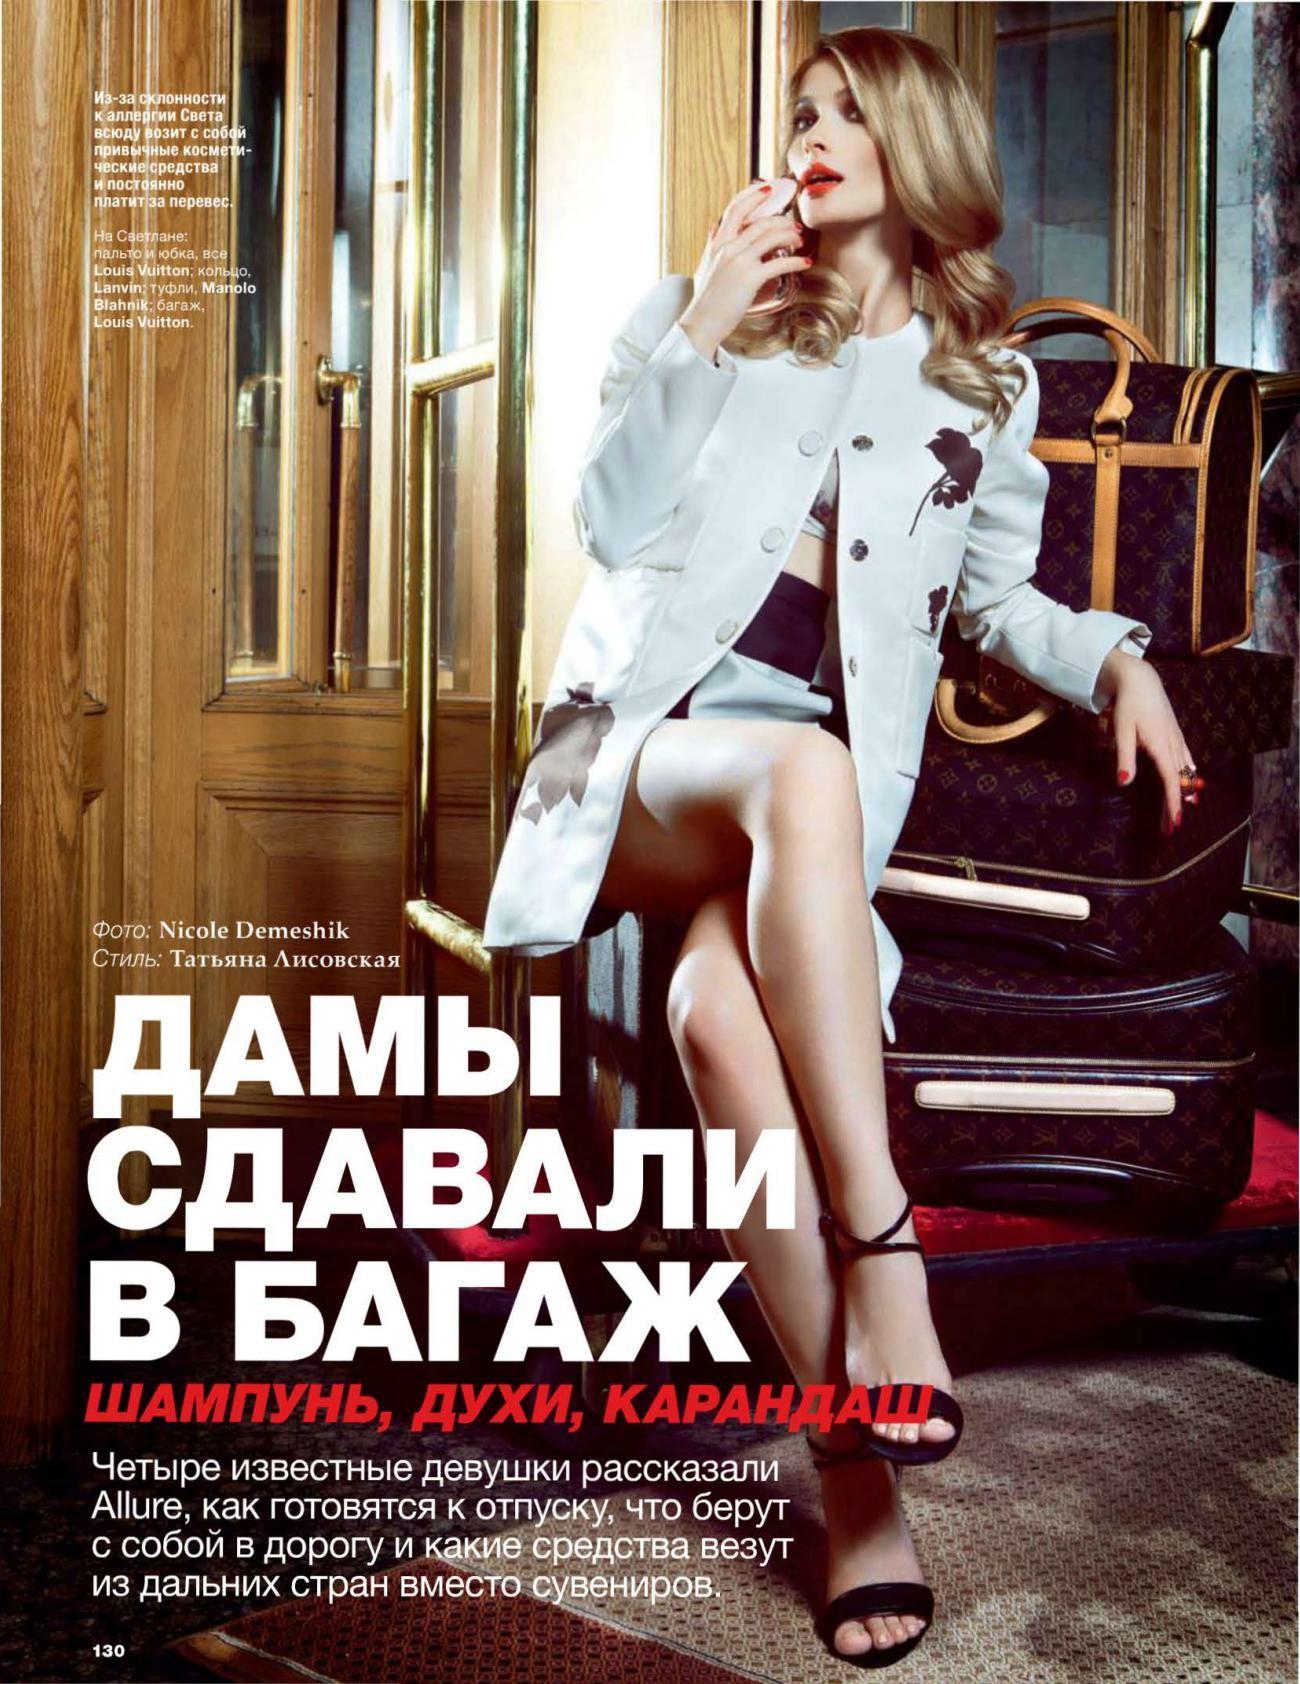 obsuzhdeniya-o-zhenskoy-masturbatsii-na-rabote